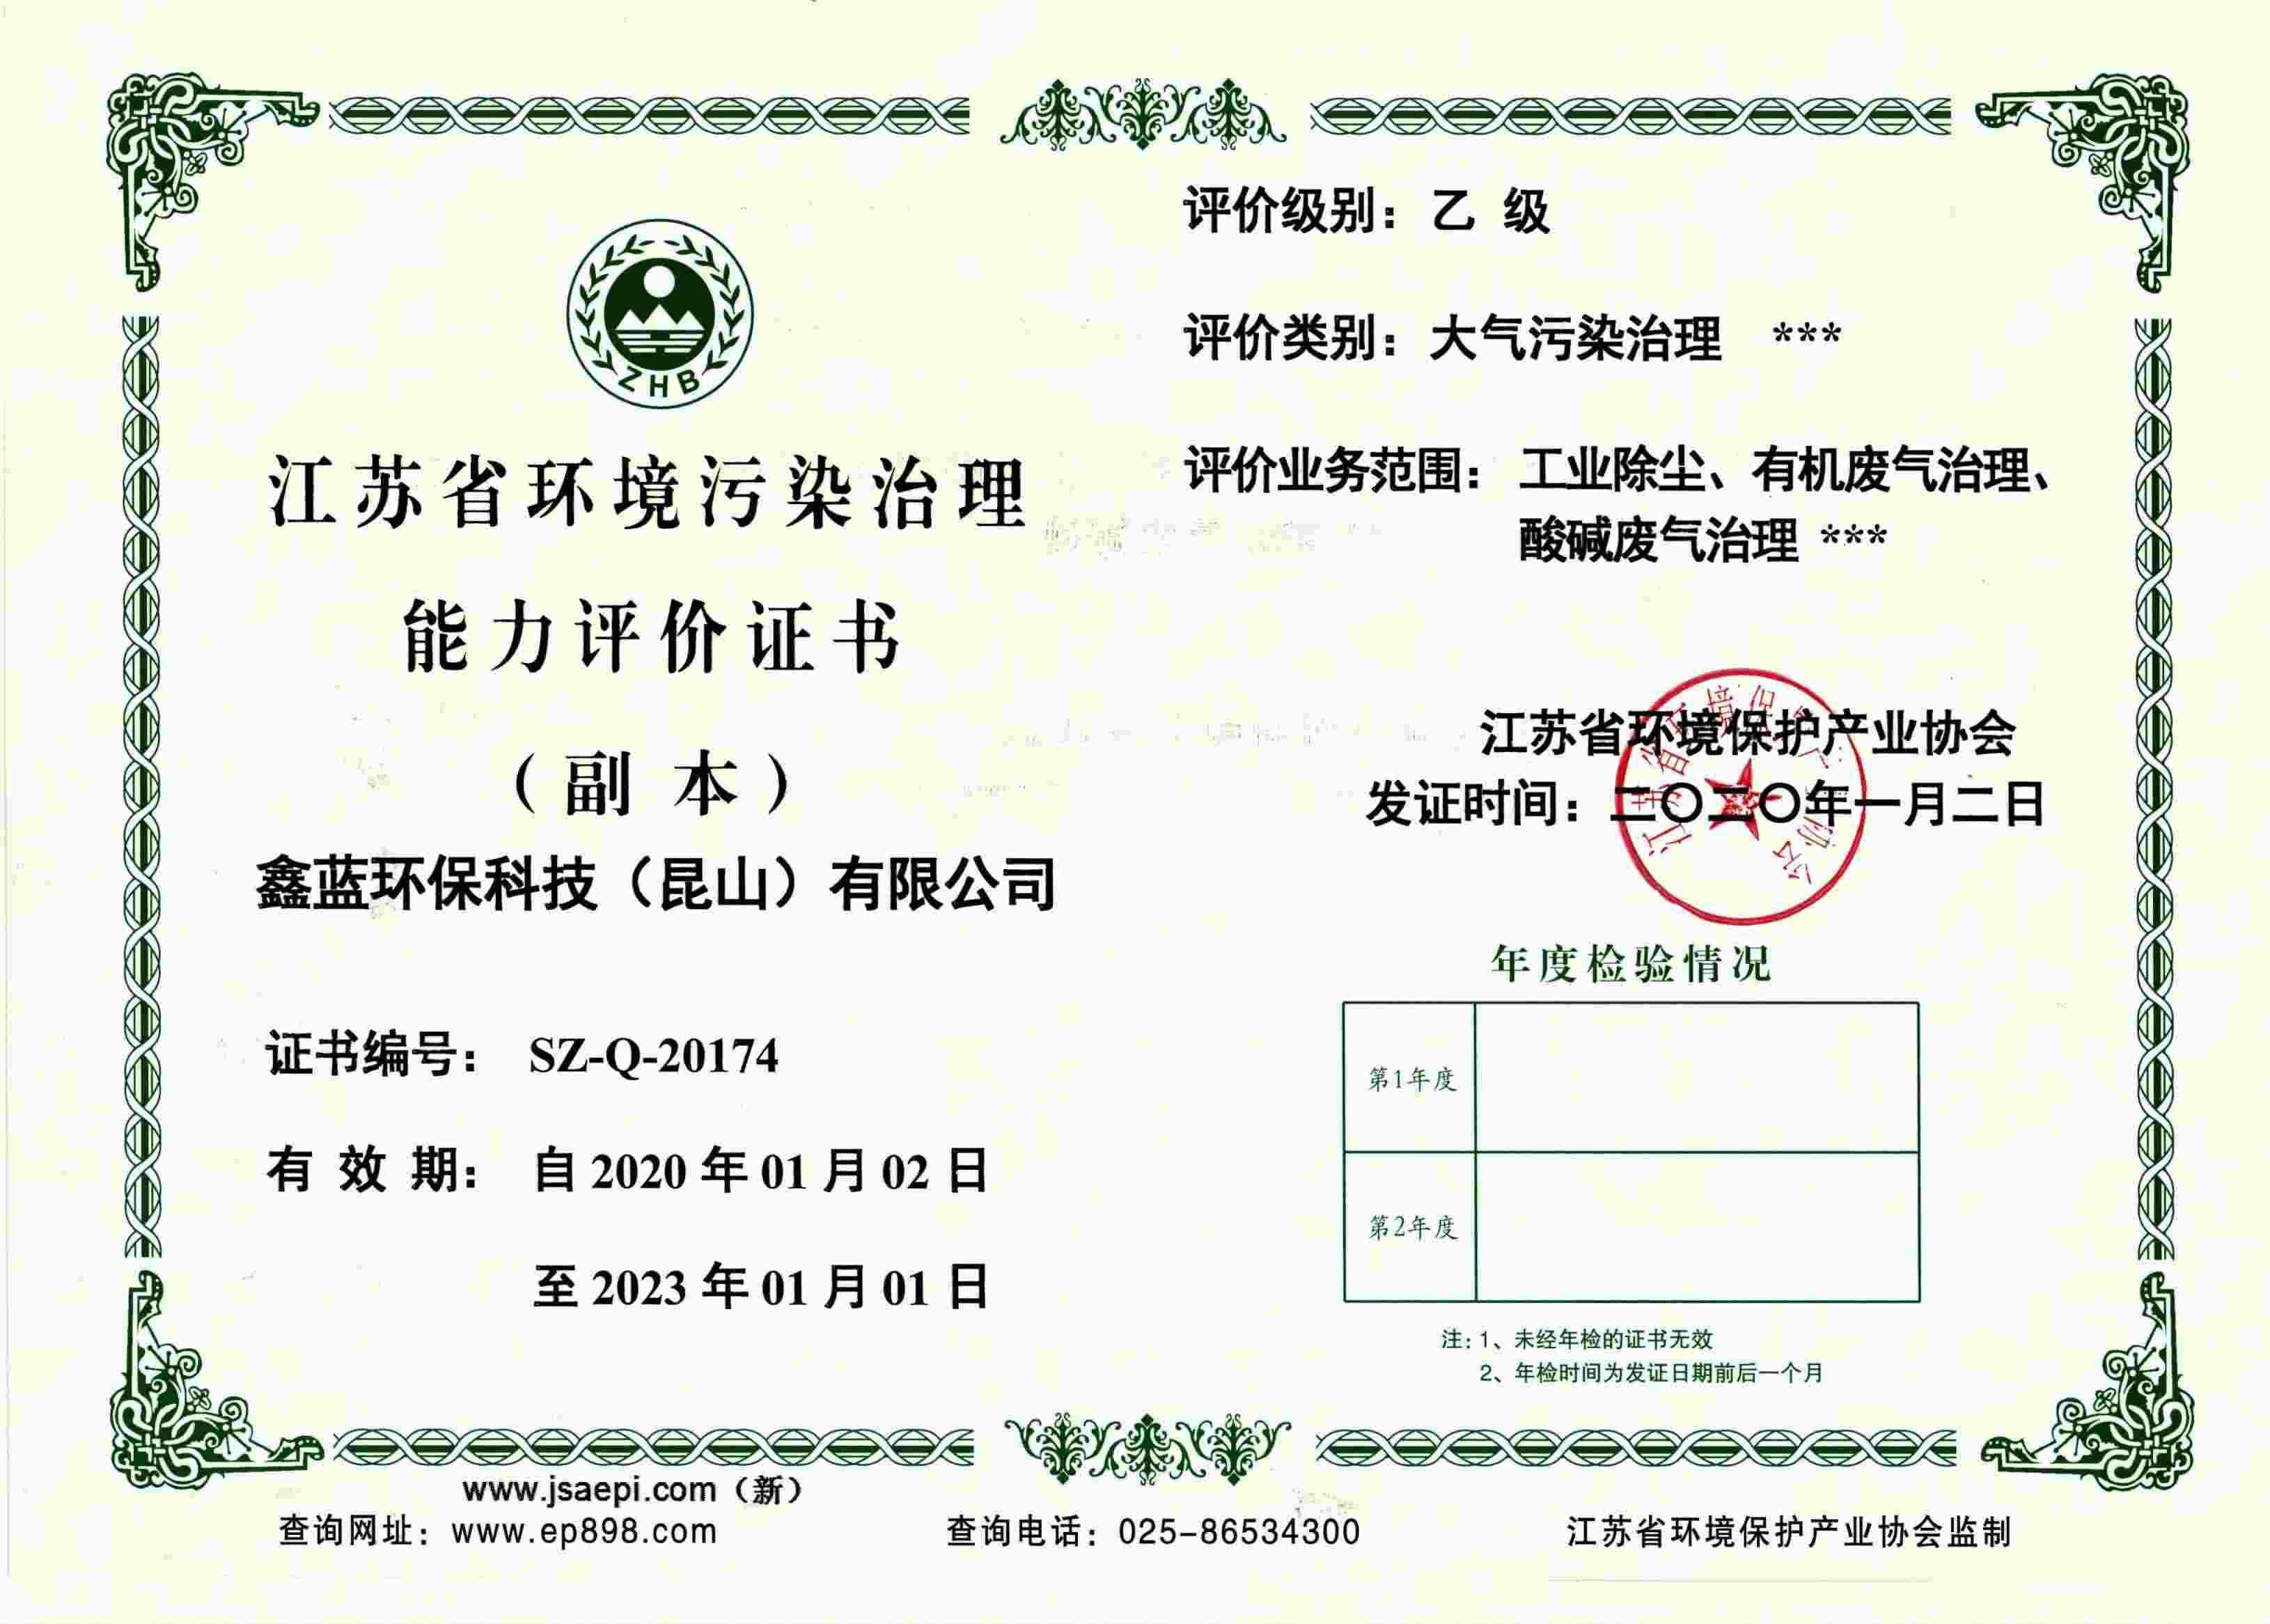 江苏省环境污染治理工程设计能力资质证书